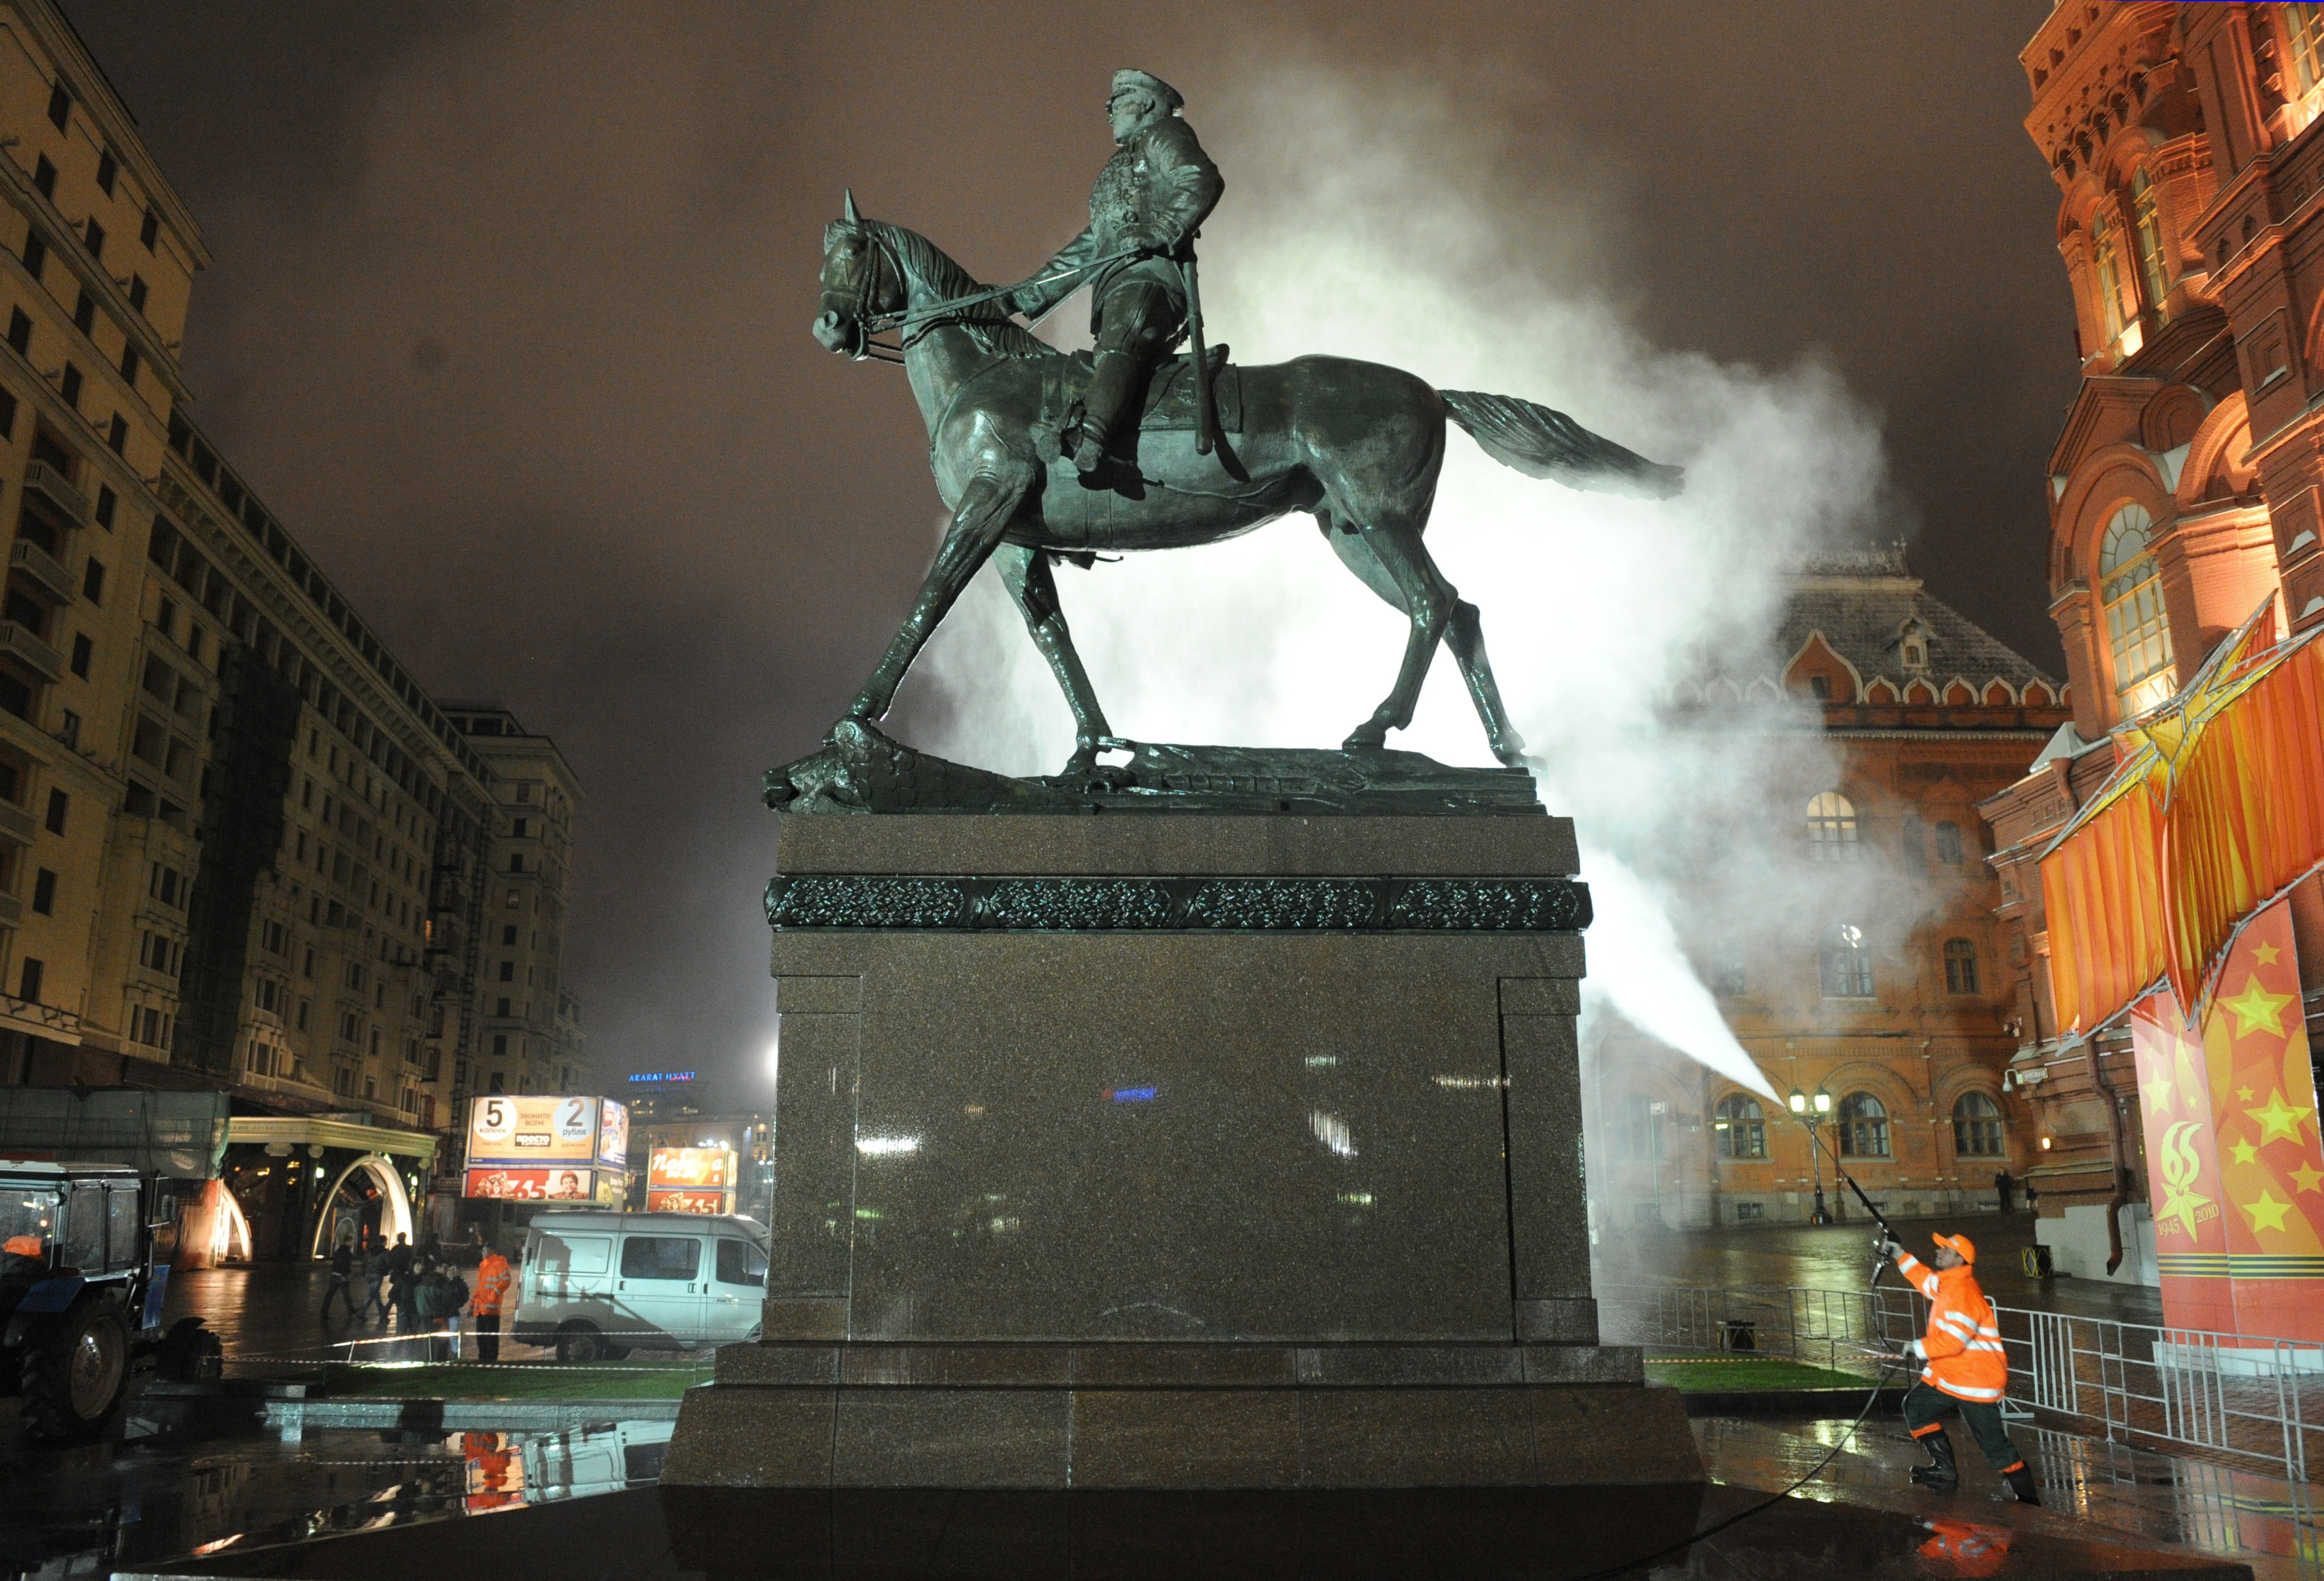 Памятник маршалу Жукову в Москве на Манежной площади